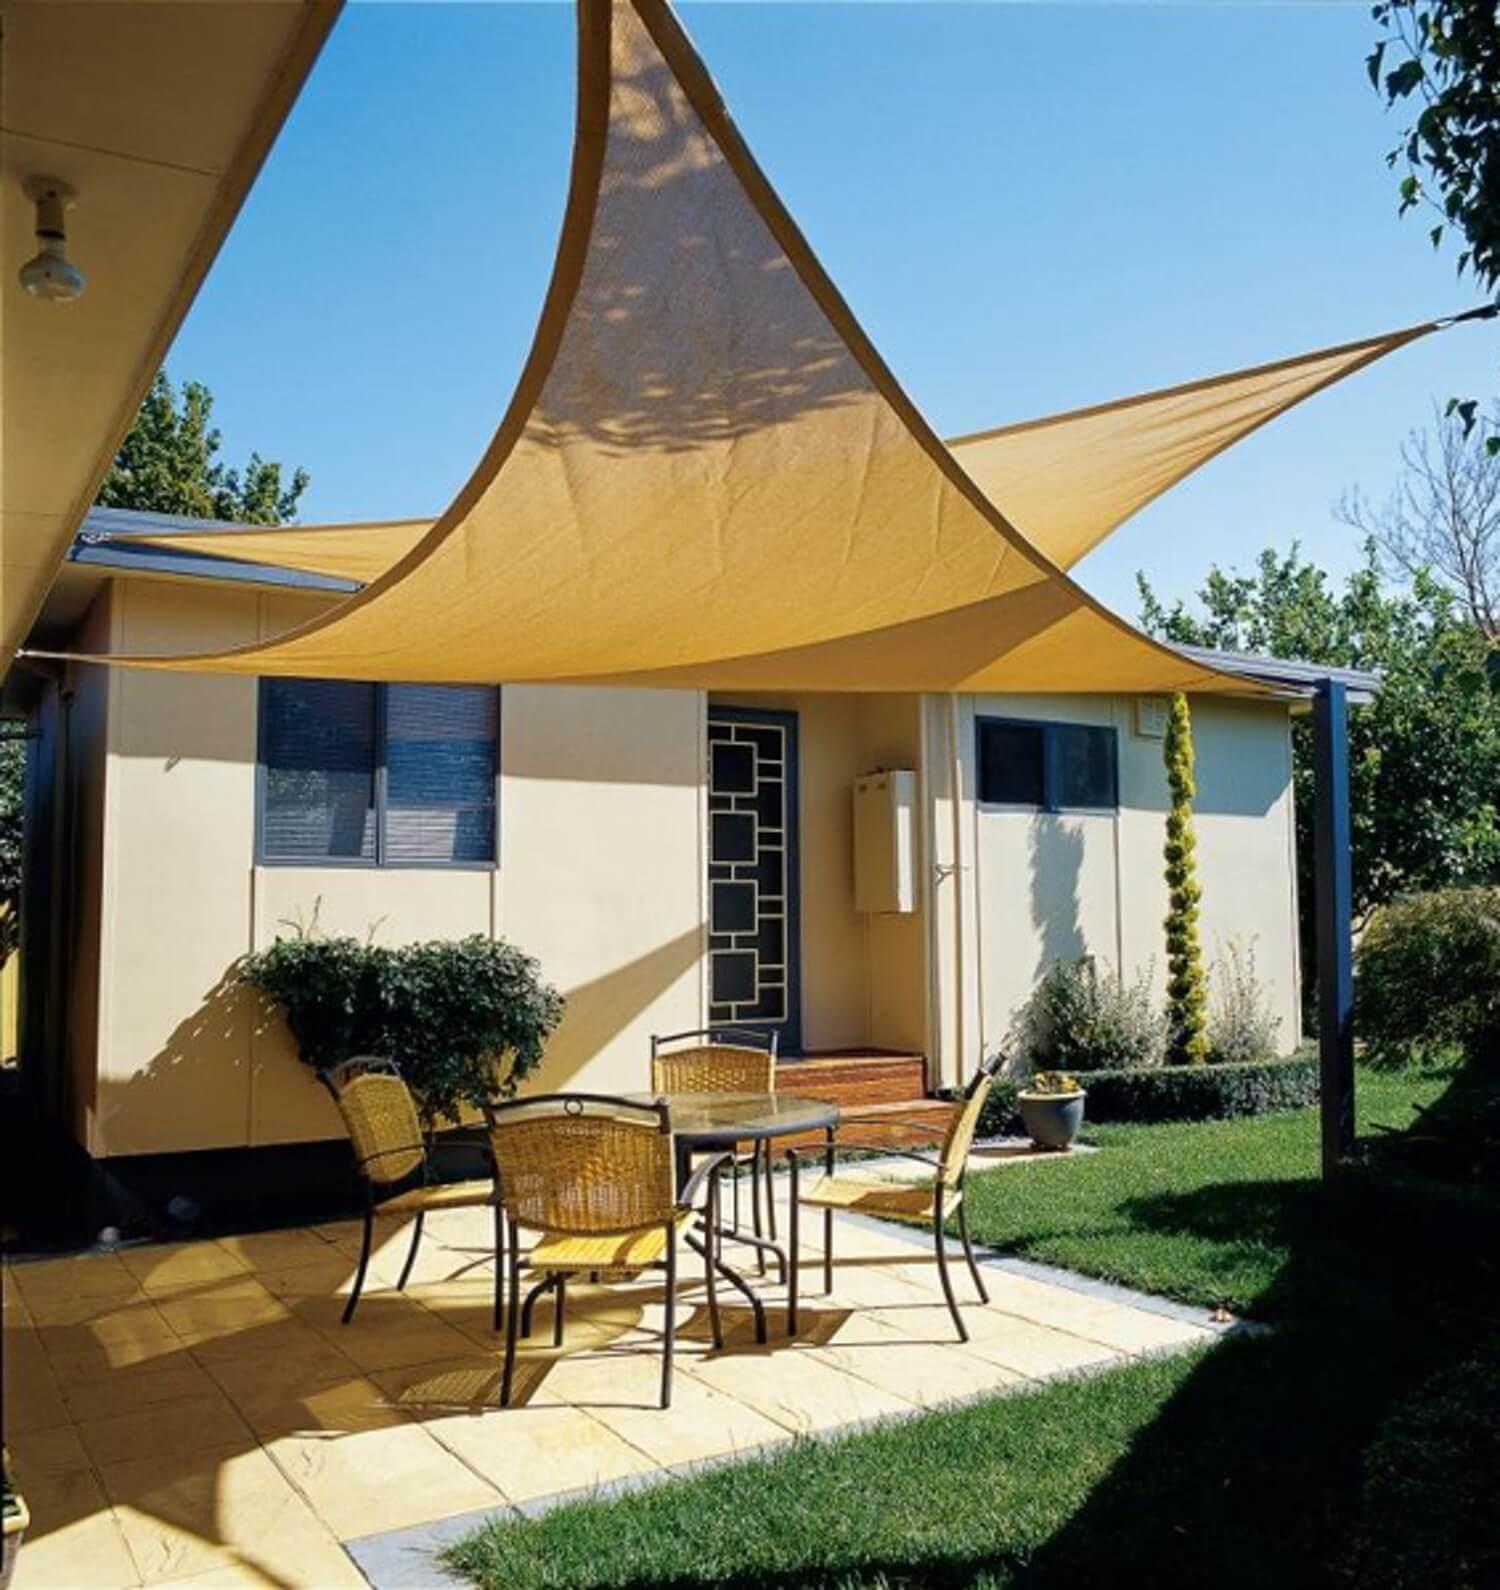 22 Best DIY Sun Shade Ideas and Designs for 2020 on Shady Yard Ideas id=45900